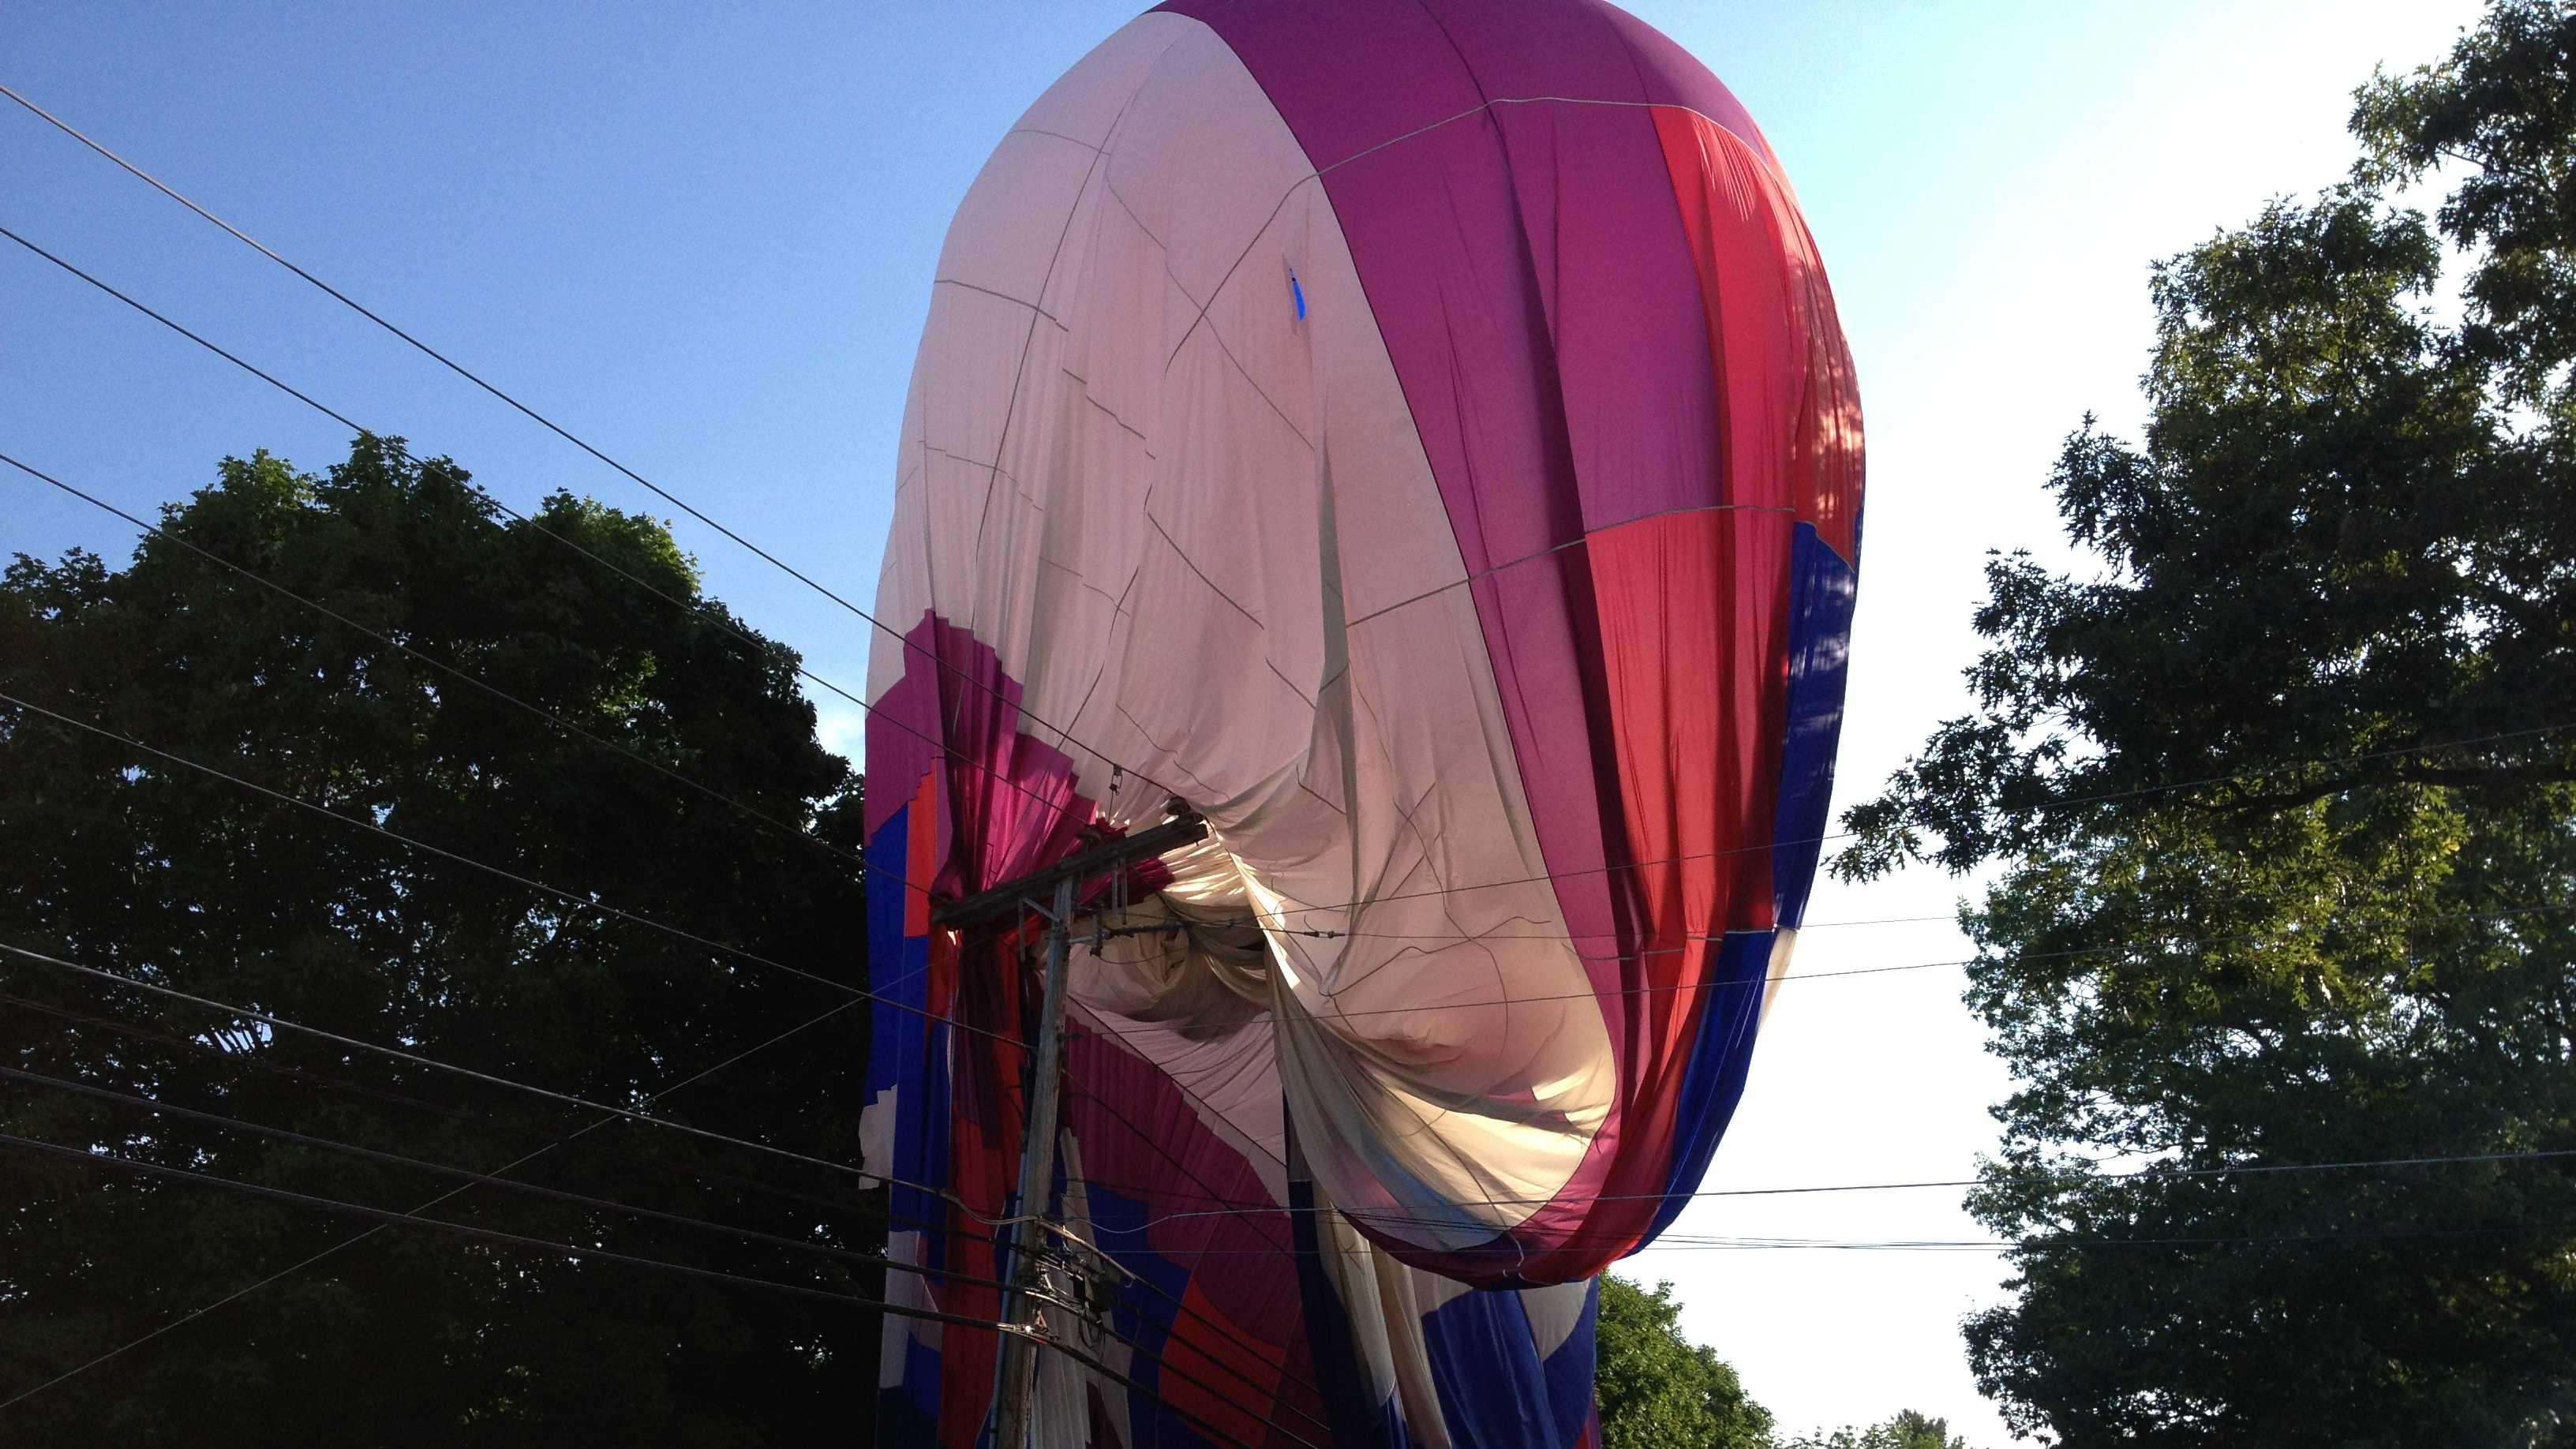 03-hot-balloon-620.jpg